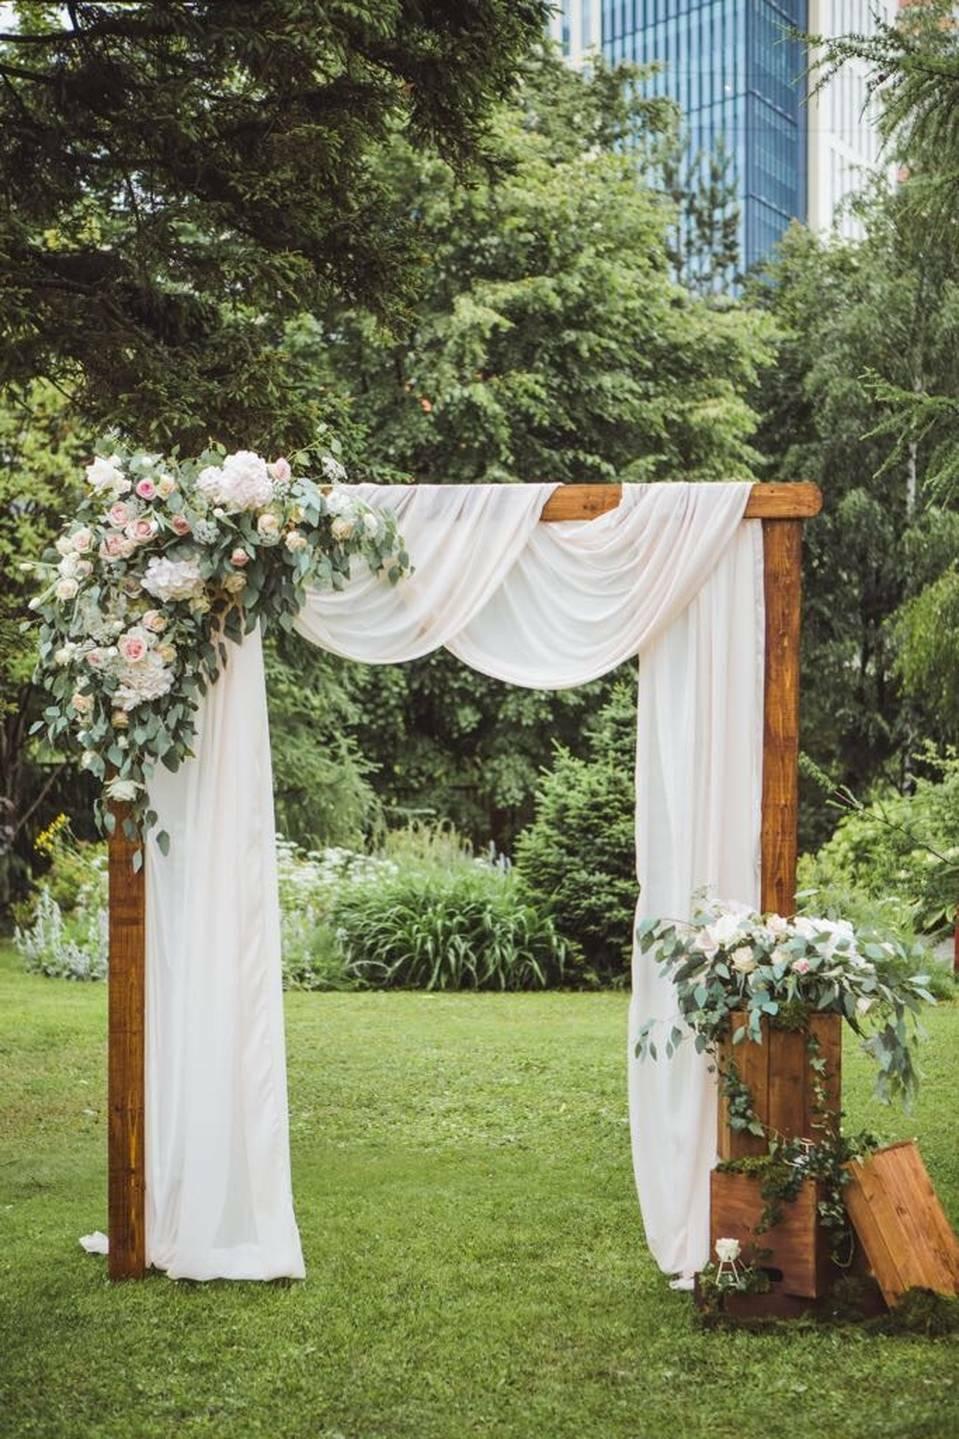 загородный дом — идеальное место для свадьбы в стиле рустик